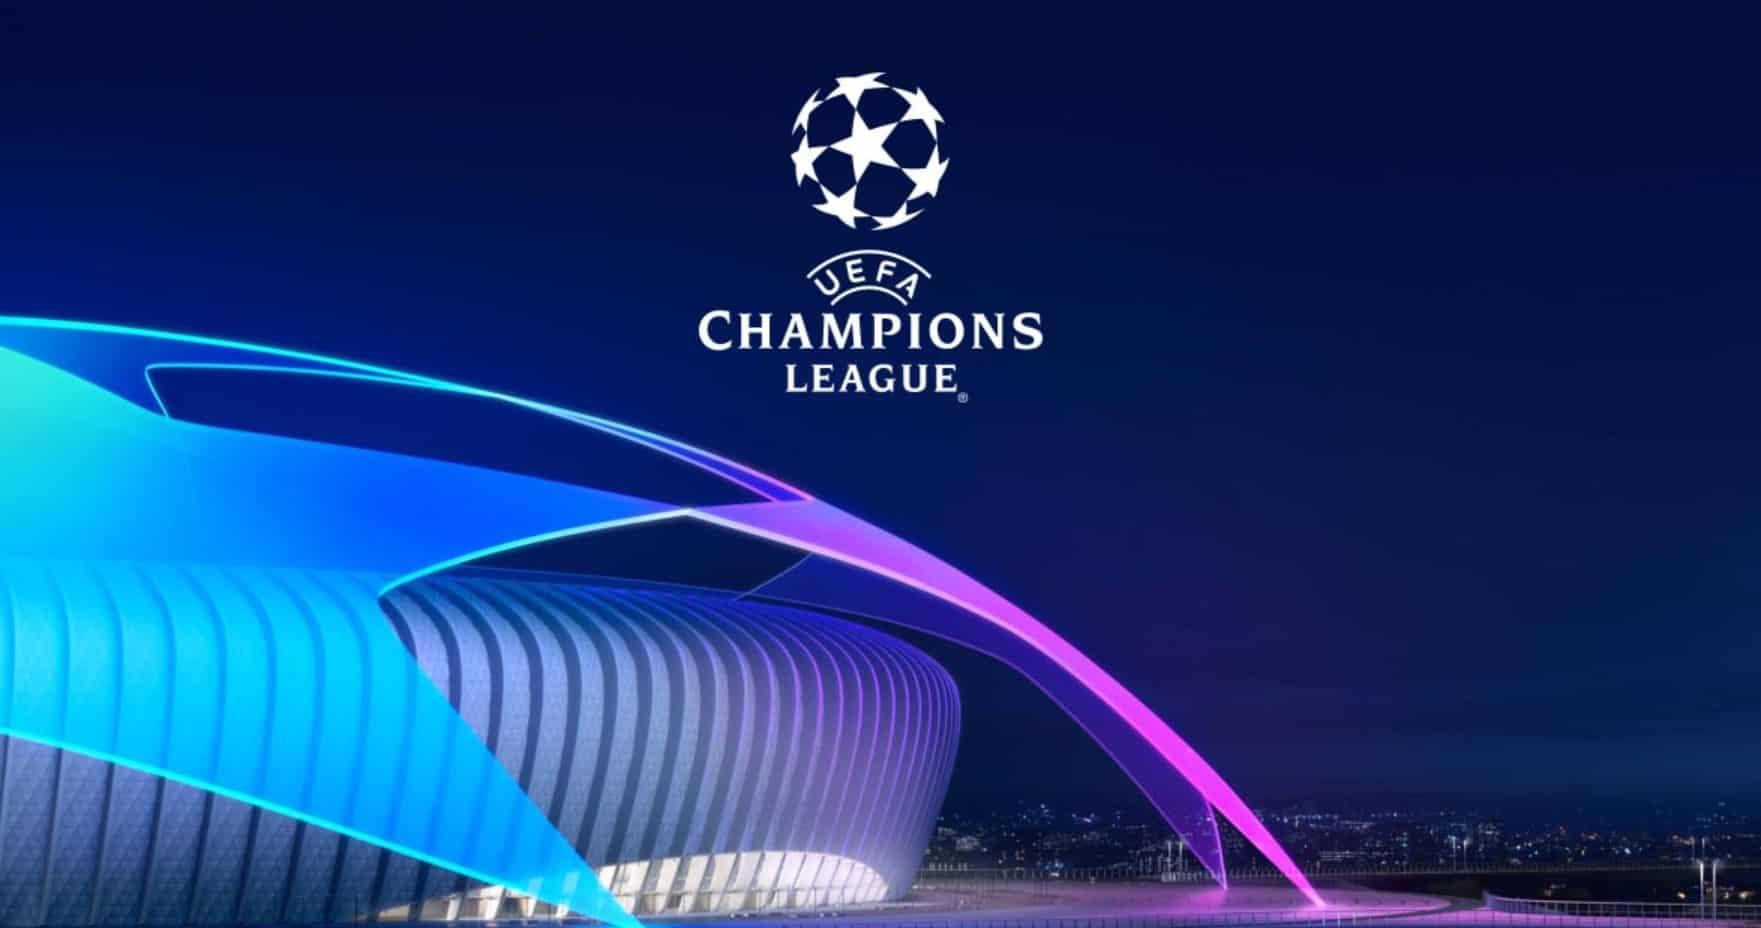 Obstawianie Ligi Mistrzów - zakłady na żywo czy pre-match?